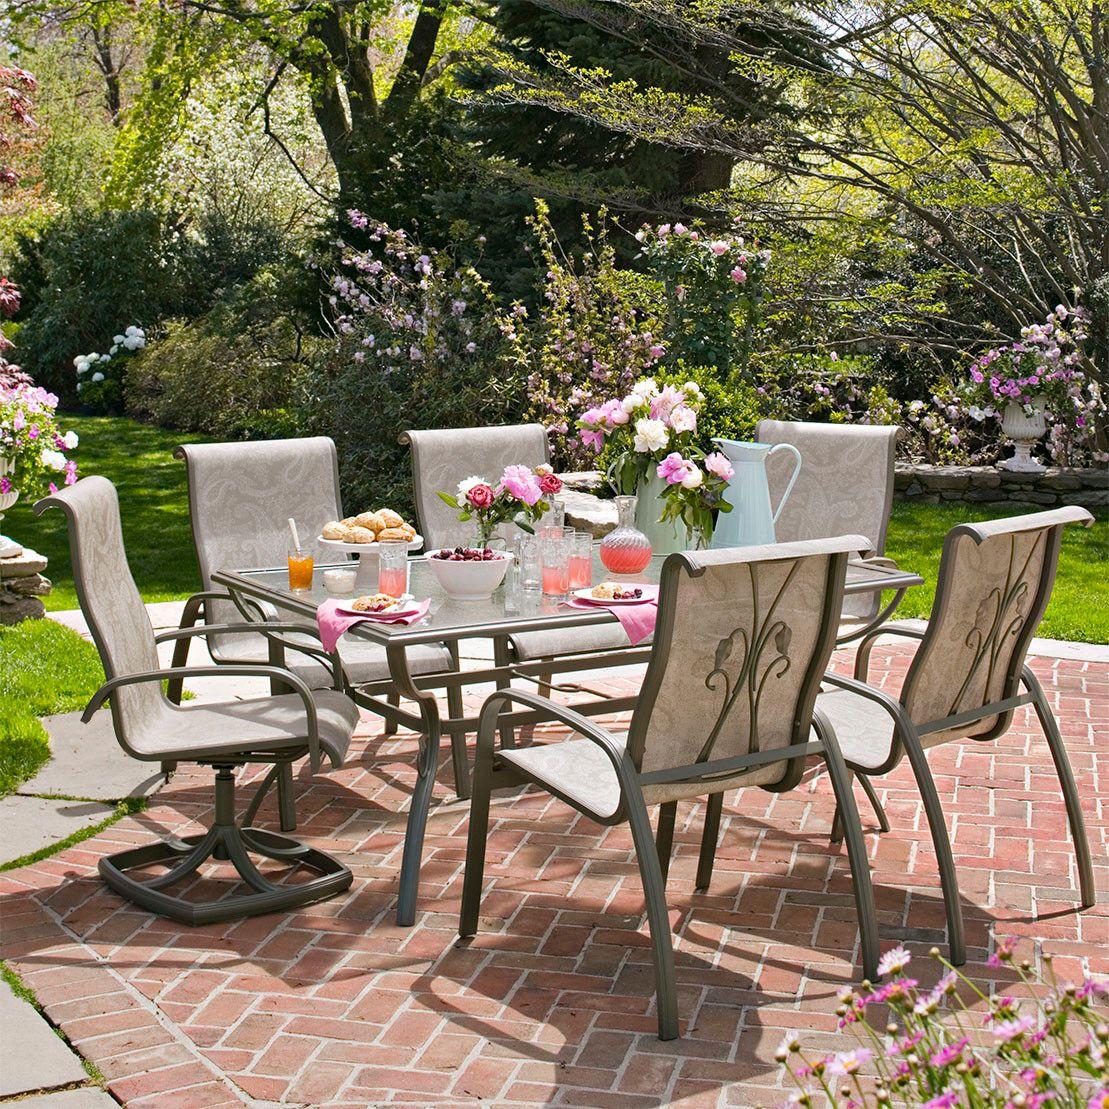 Martha Stewart Everyday Garden Bloomington Dining Chairs ... on Martha Stewart 6 Piece Patio Set id=67972